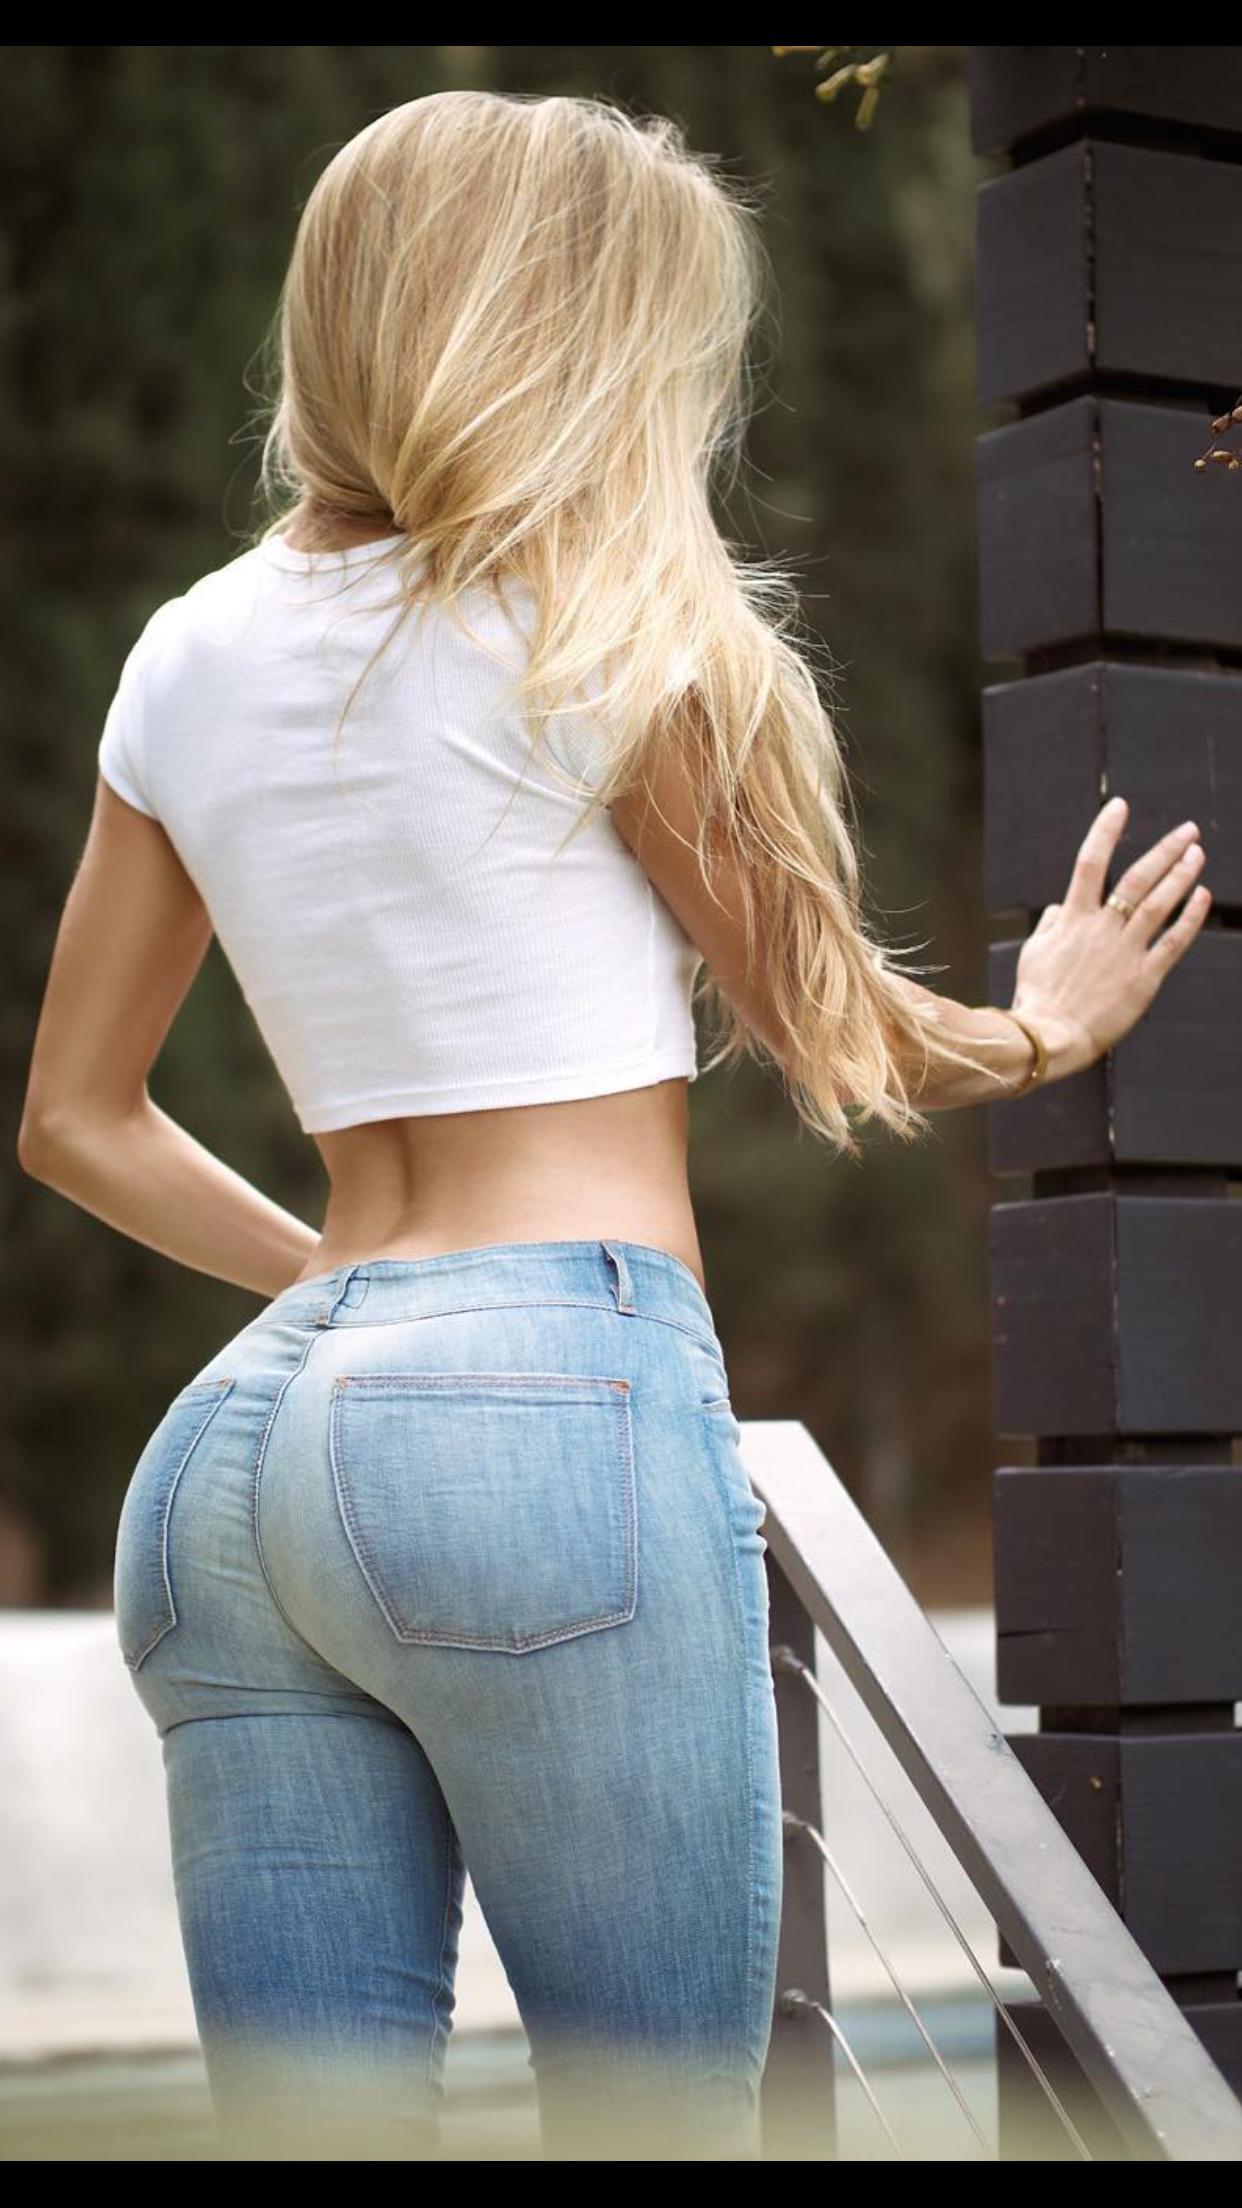 Jeans, ass